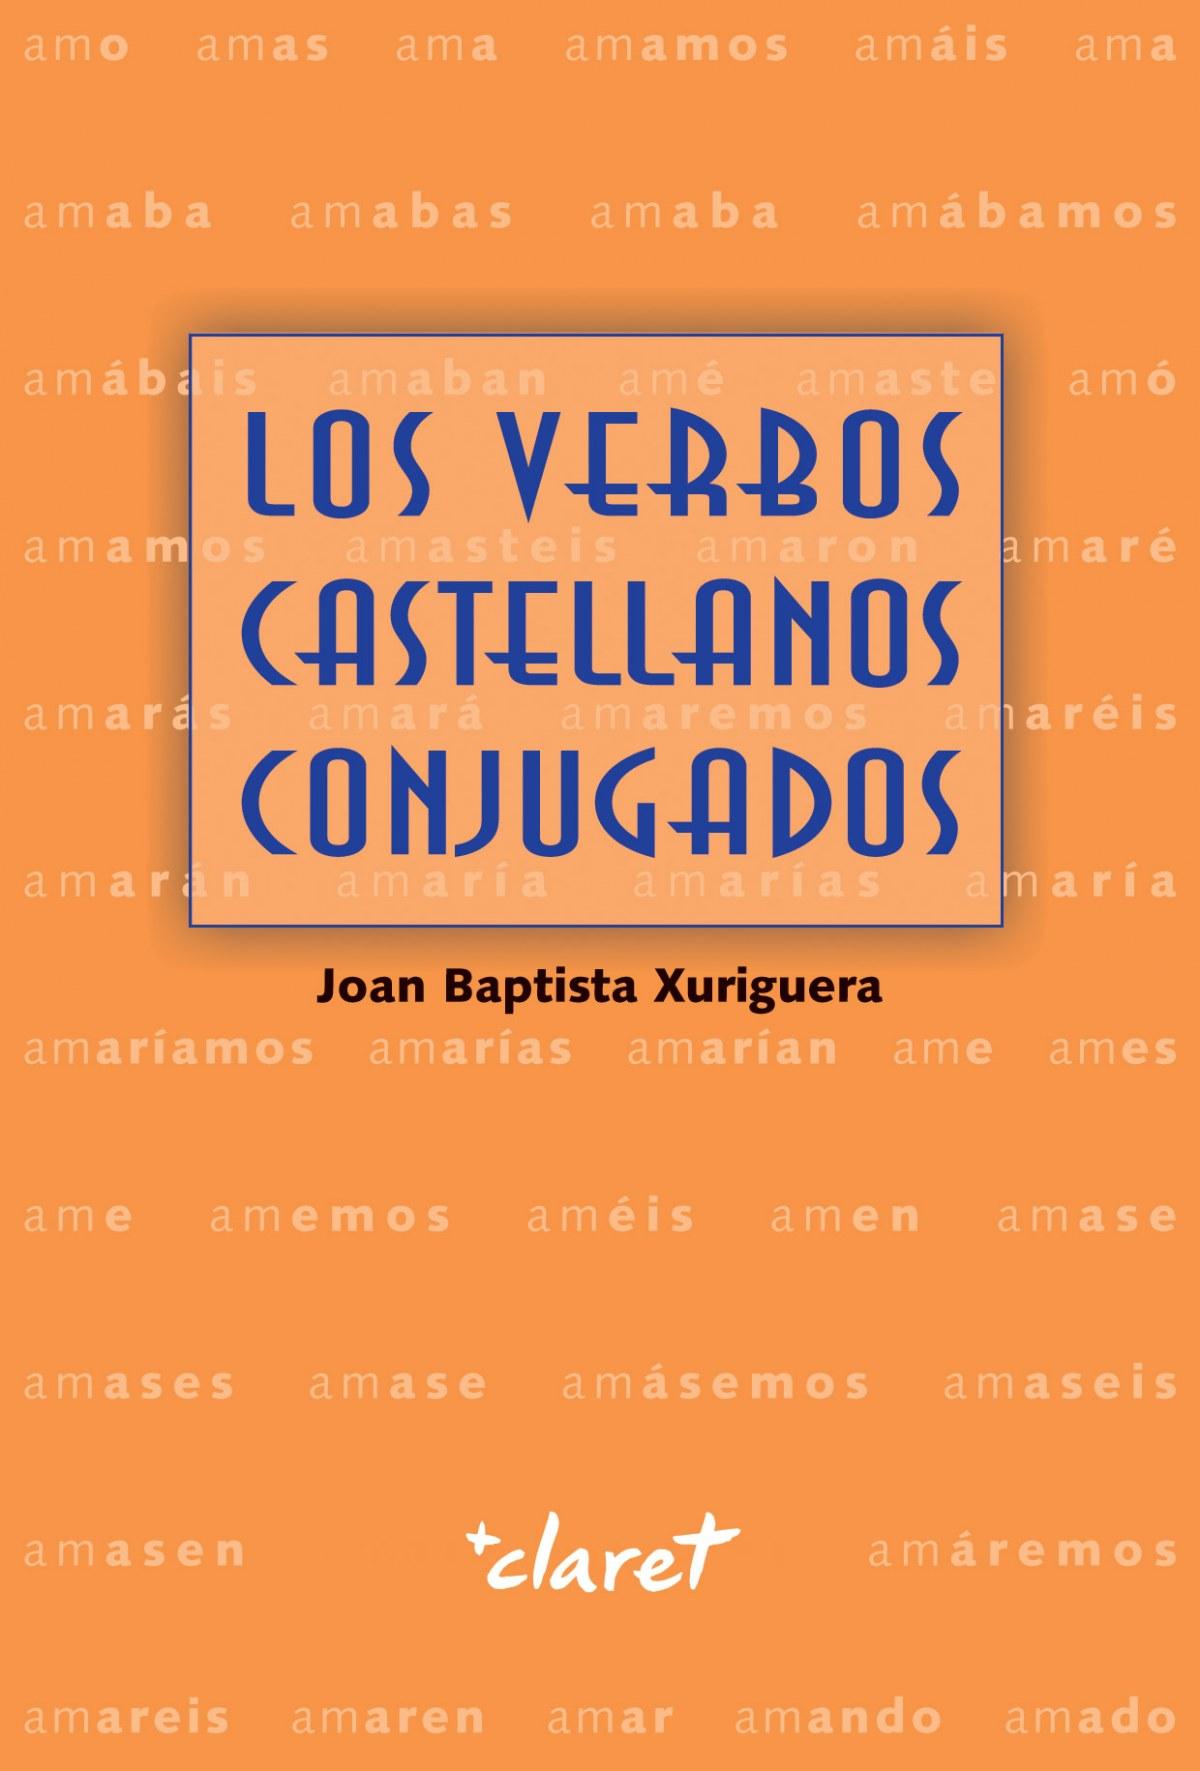 LOS VERVOS CASTELLANOS CONJUGADOS 9788491361299